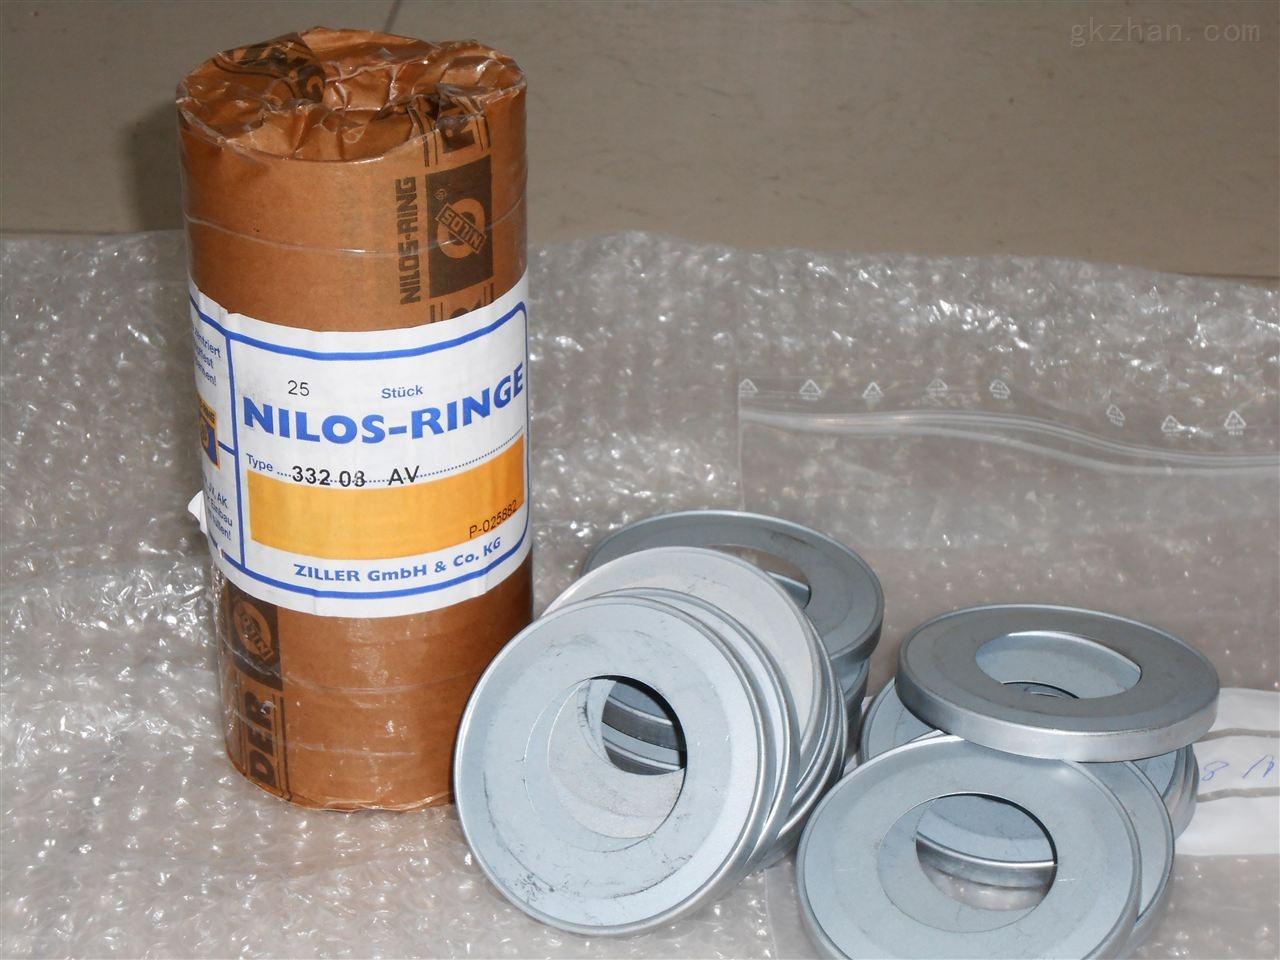 Nilos-Ring 密封61819 AV 北京汉达森供应